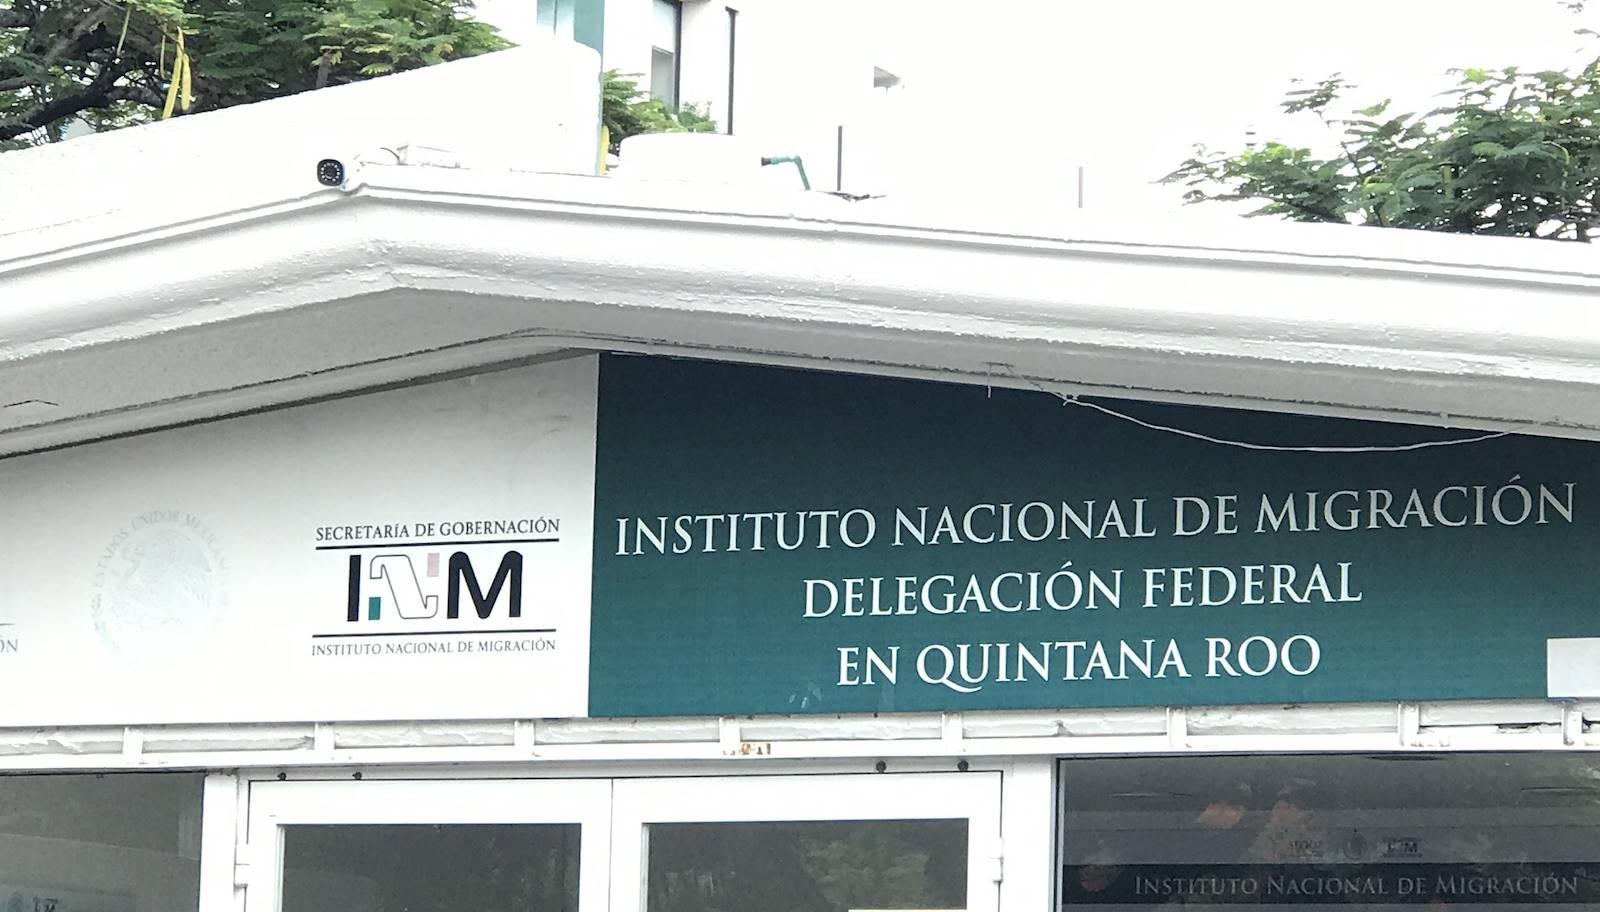 Eindeloze bureaucratie in Mexico, wanneer krijgt Jeanette haar visum?